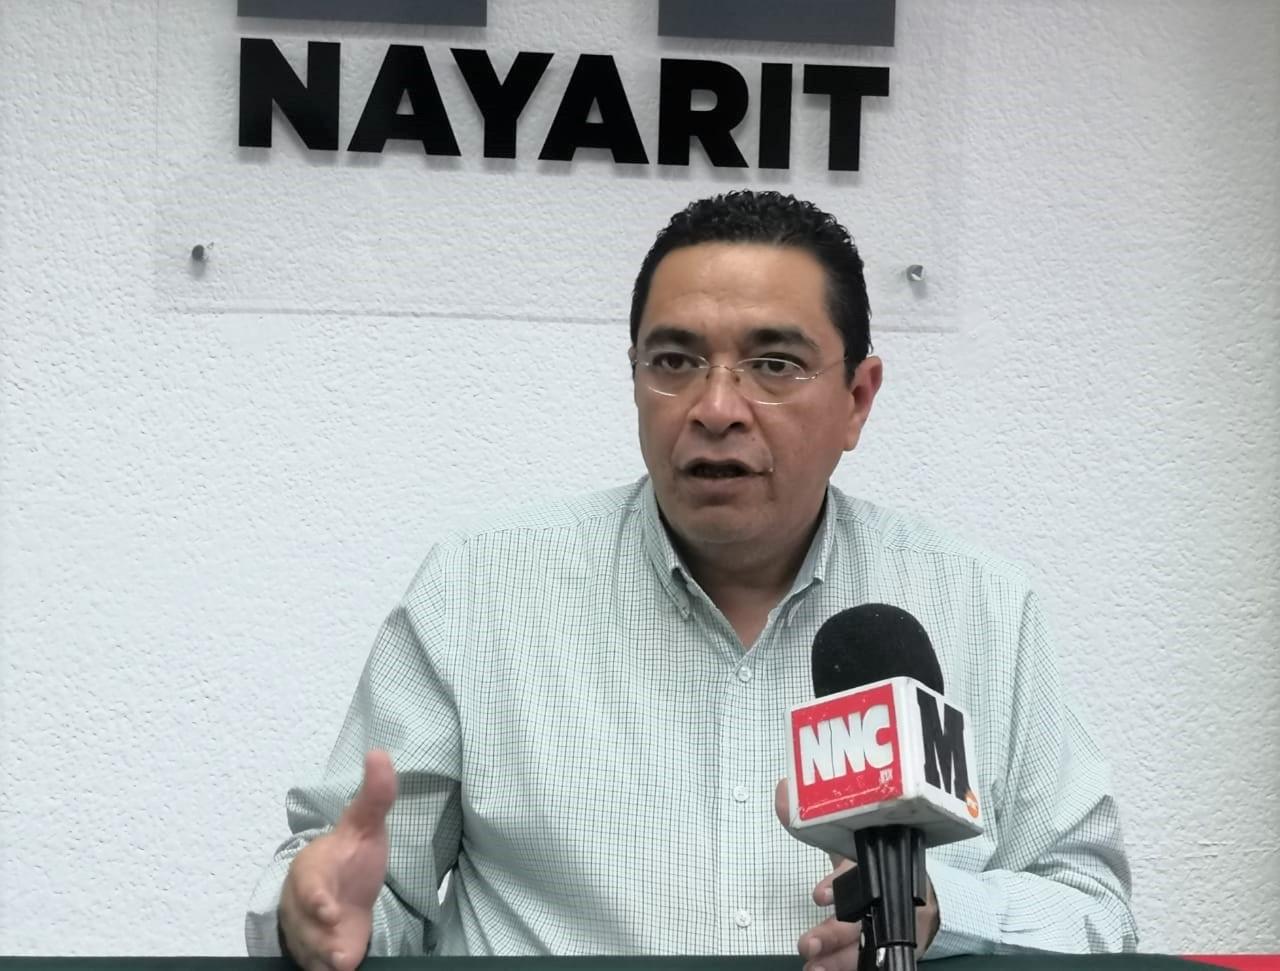 PRI PRESENTA PROPUESTAS PARA LA REACTIVACIÓN DEL TURISMO EN MÉXICO